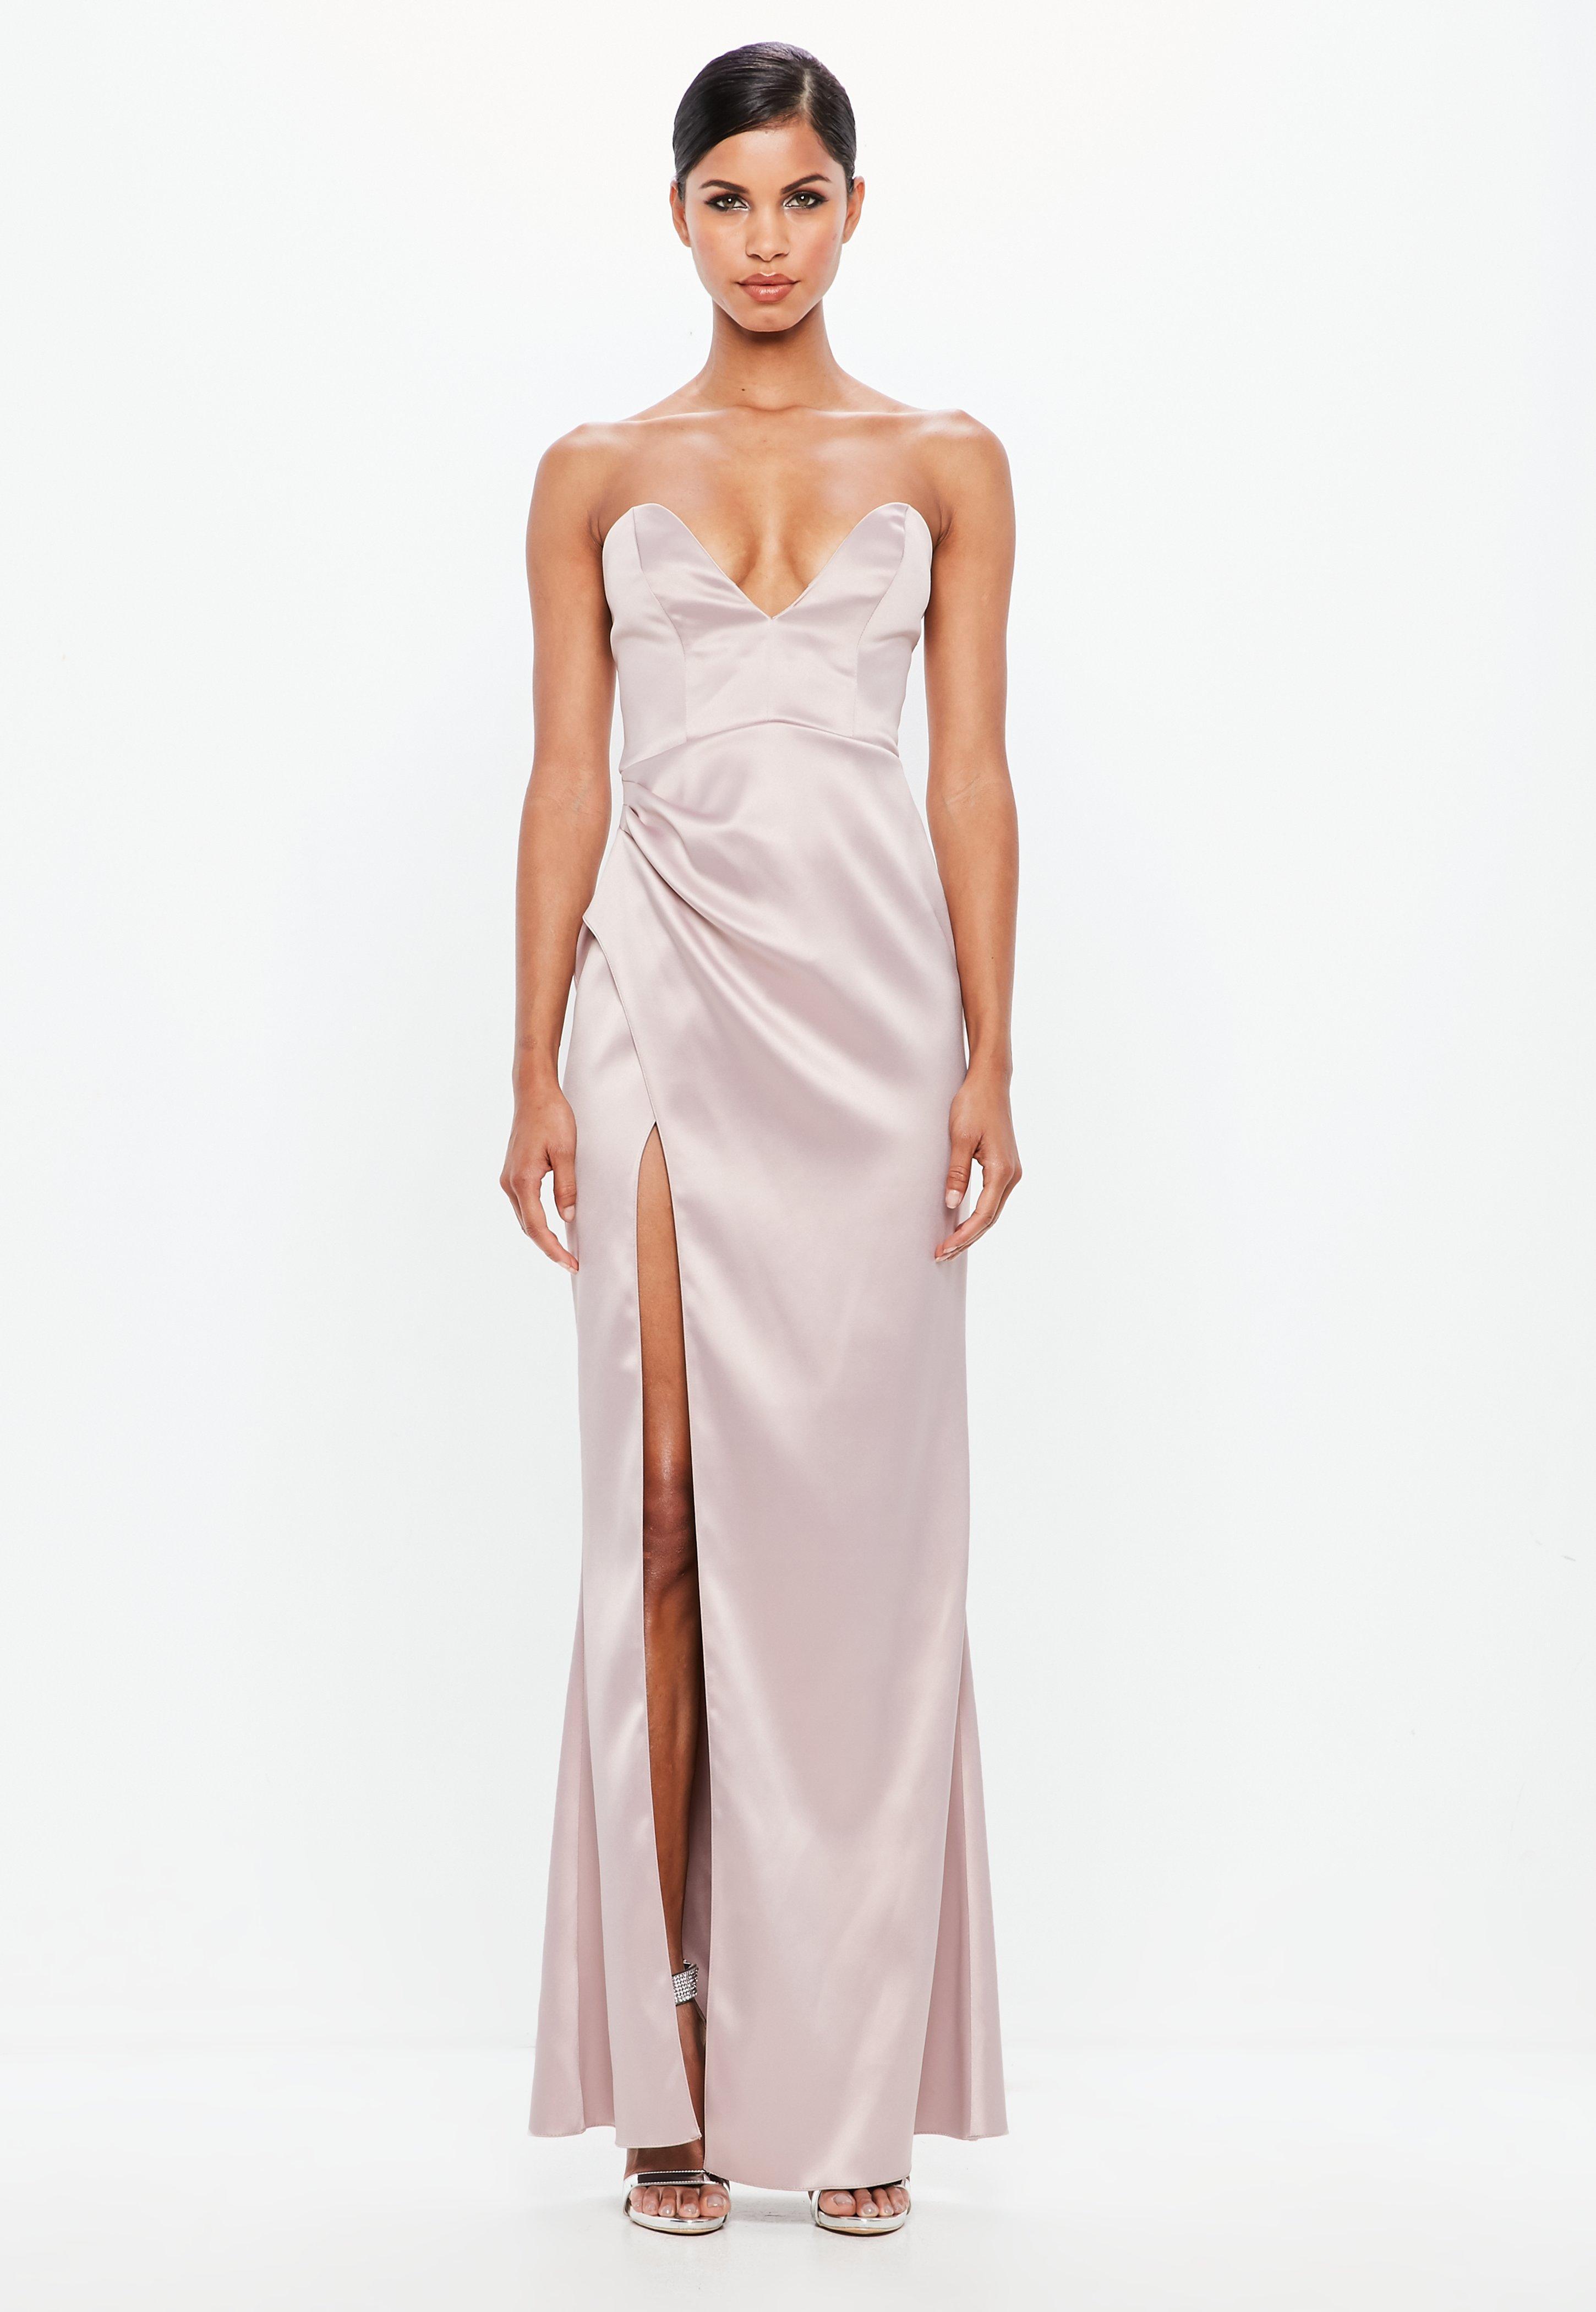 Kleider für Hochzeitsgäste | Hochzeitskleider – Missguided DE